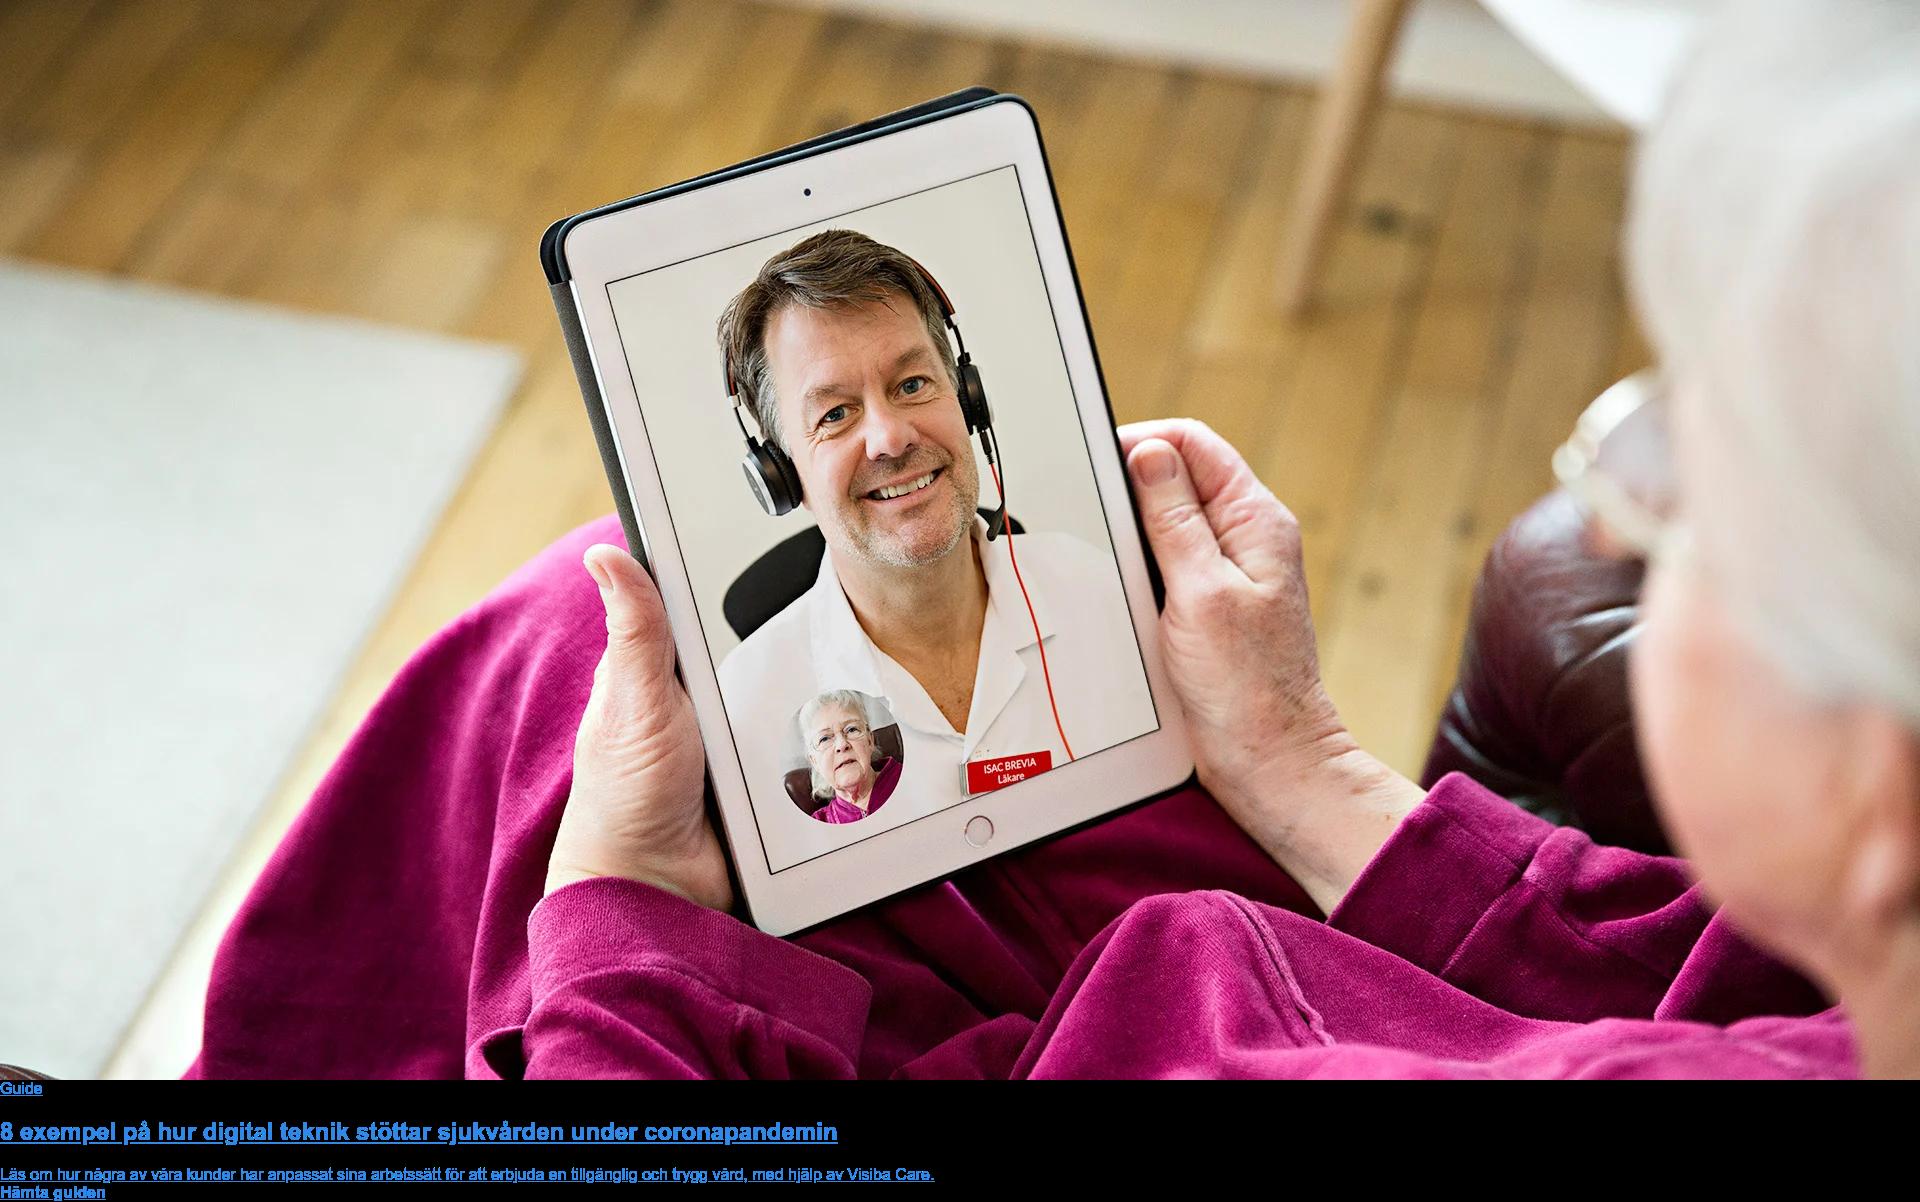 Guide 8 exempel på hur digital teknik stöttar sjukvården under coronapandemin Vi lyftar hur några av våra kunder har anpassat sina arbetssätt för att uppnå en tillgänglig och trygg vård med hjälp av Visiba Care. Hämta guiden